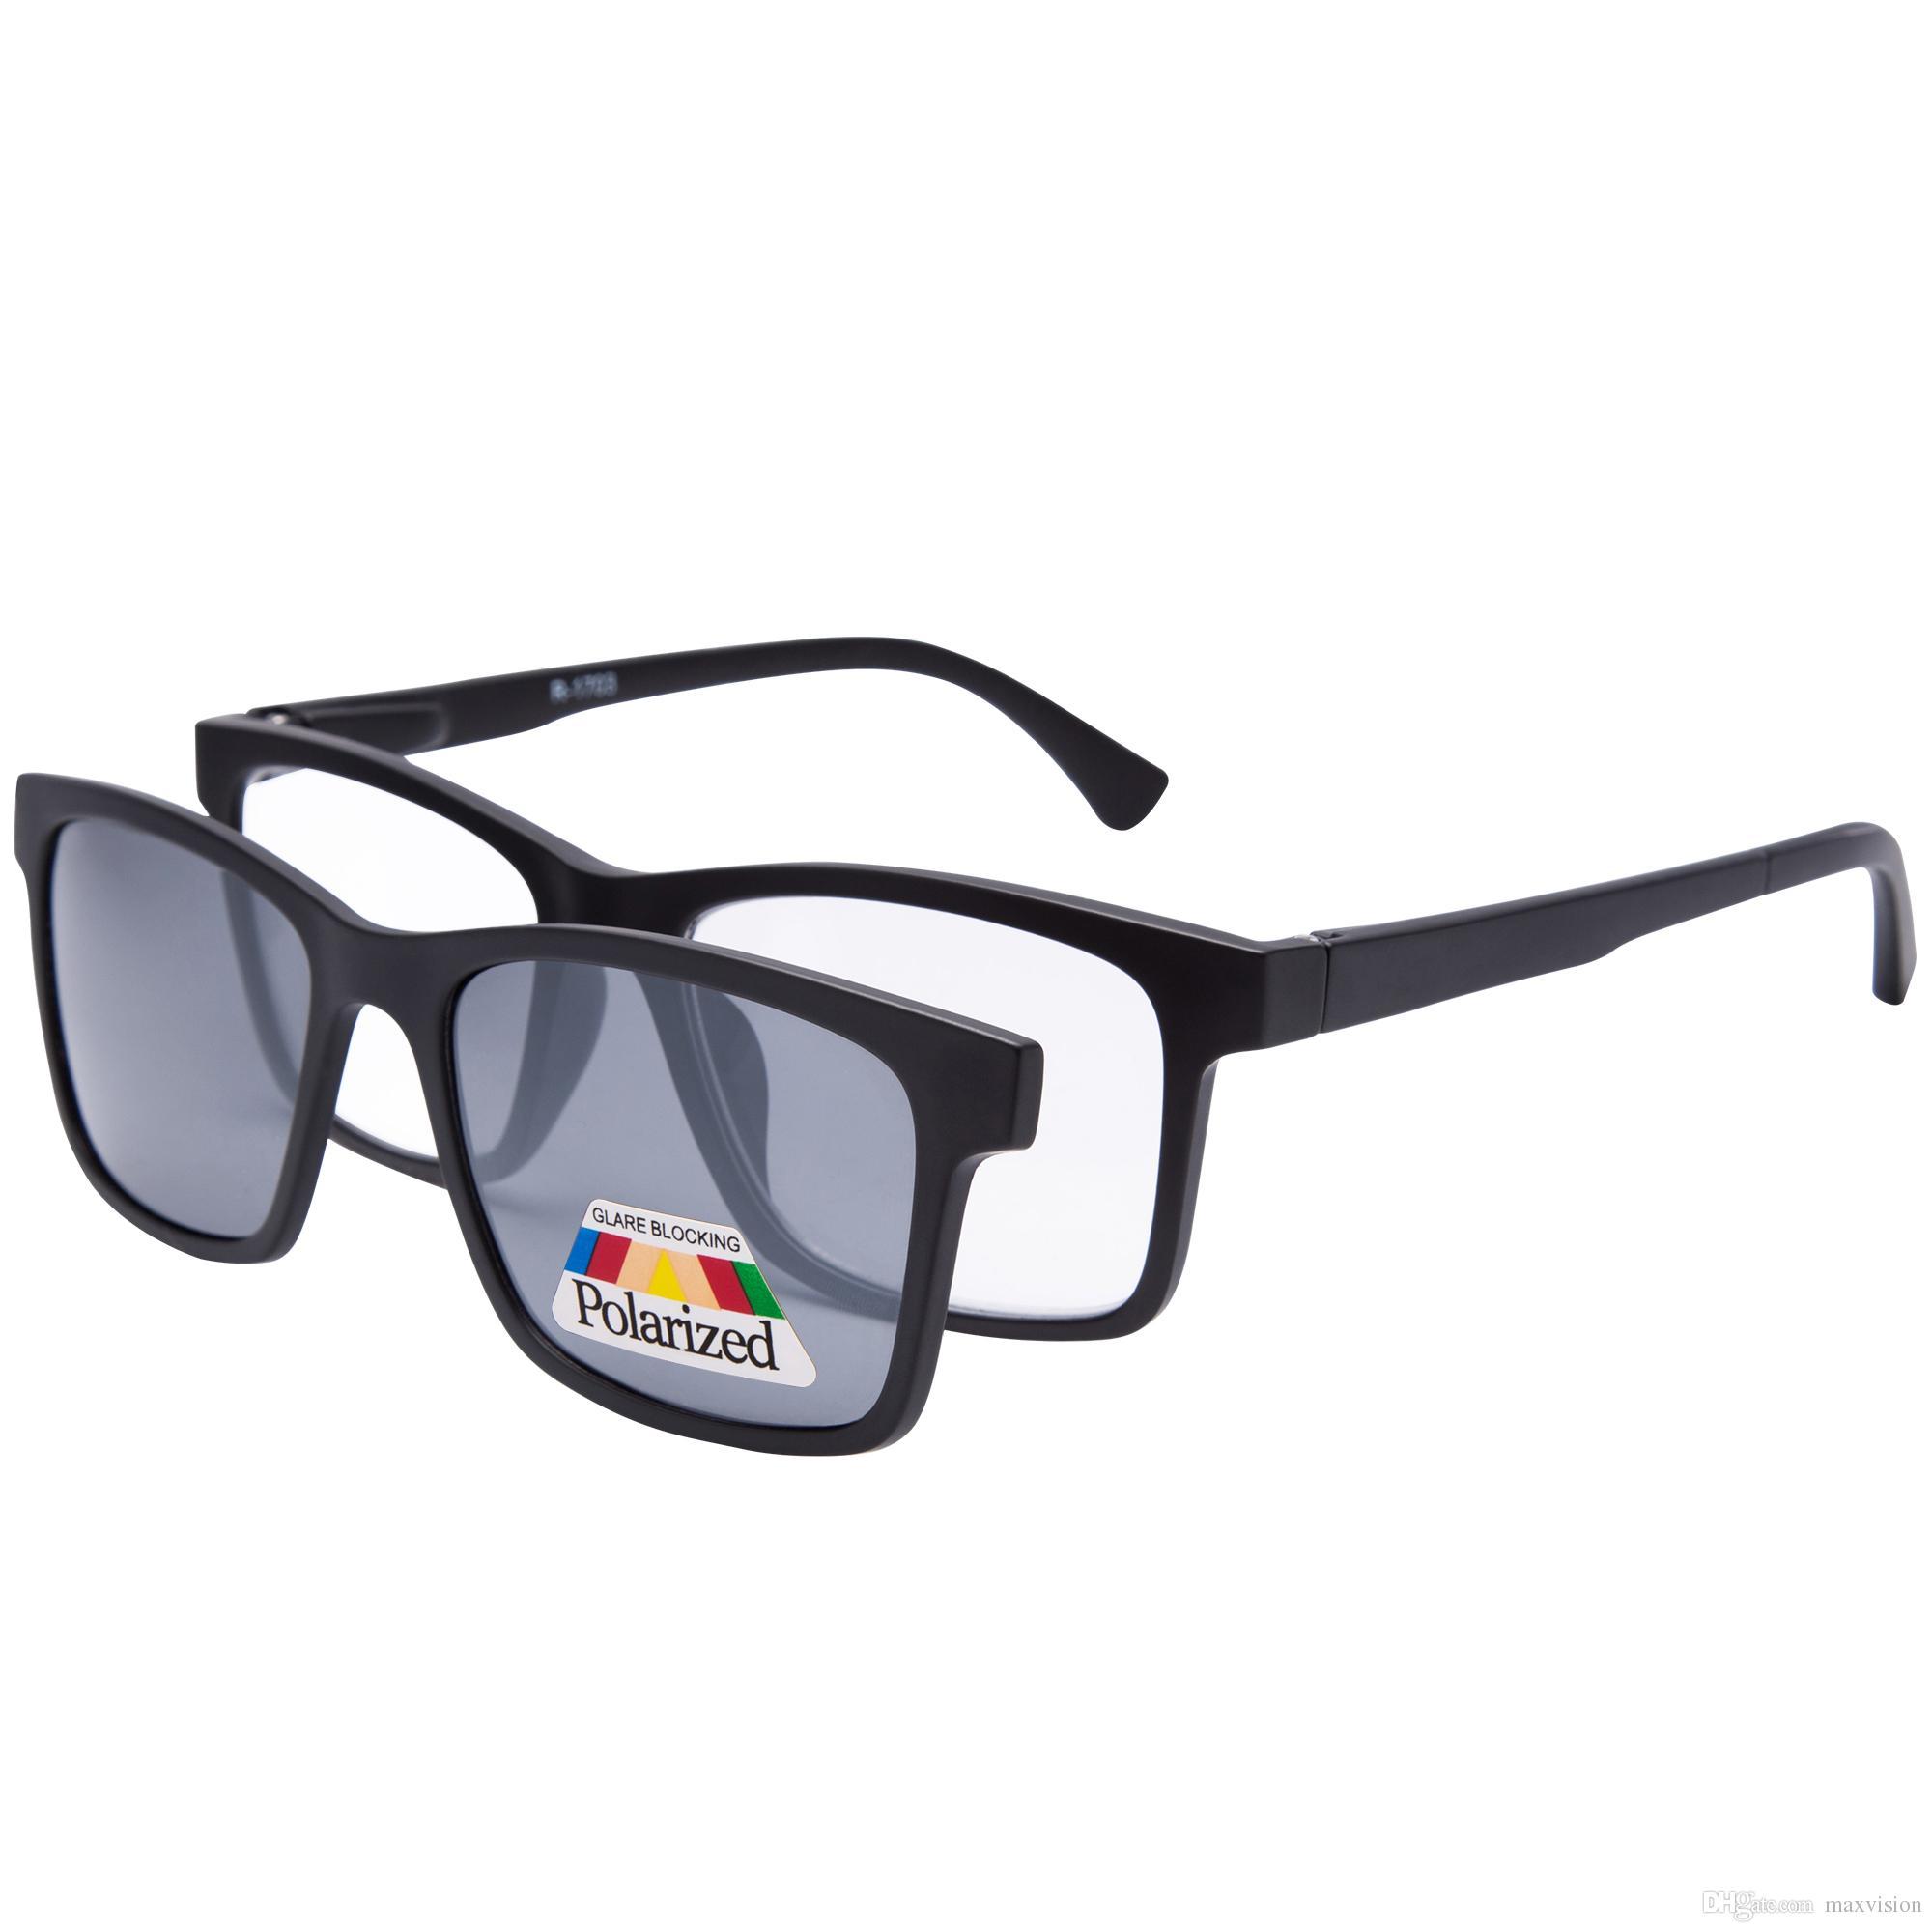 ab4ebc9b036bc Compre Óculos De Leitura Clipe Magnético Polarizado Em Óculos De Sol  Leitores Unisex Capa Preta De Maxvision,  14.22   Pt.Dhgate.Com